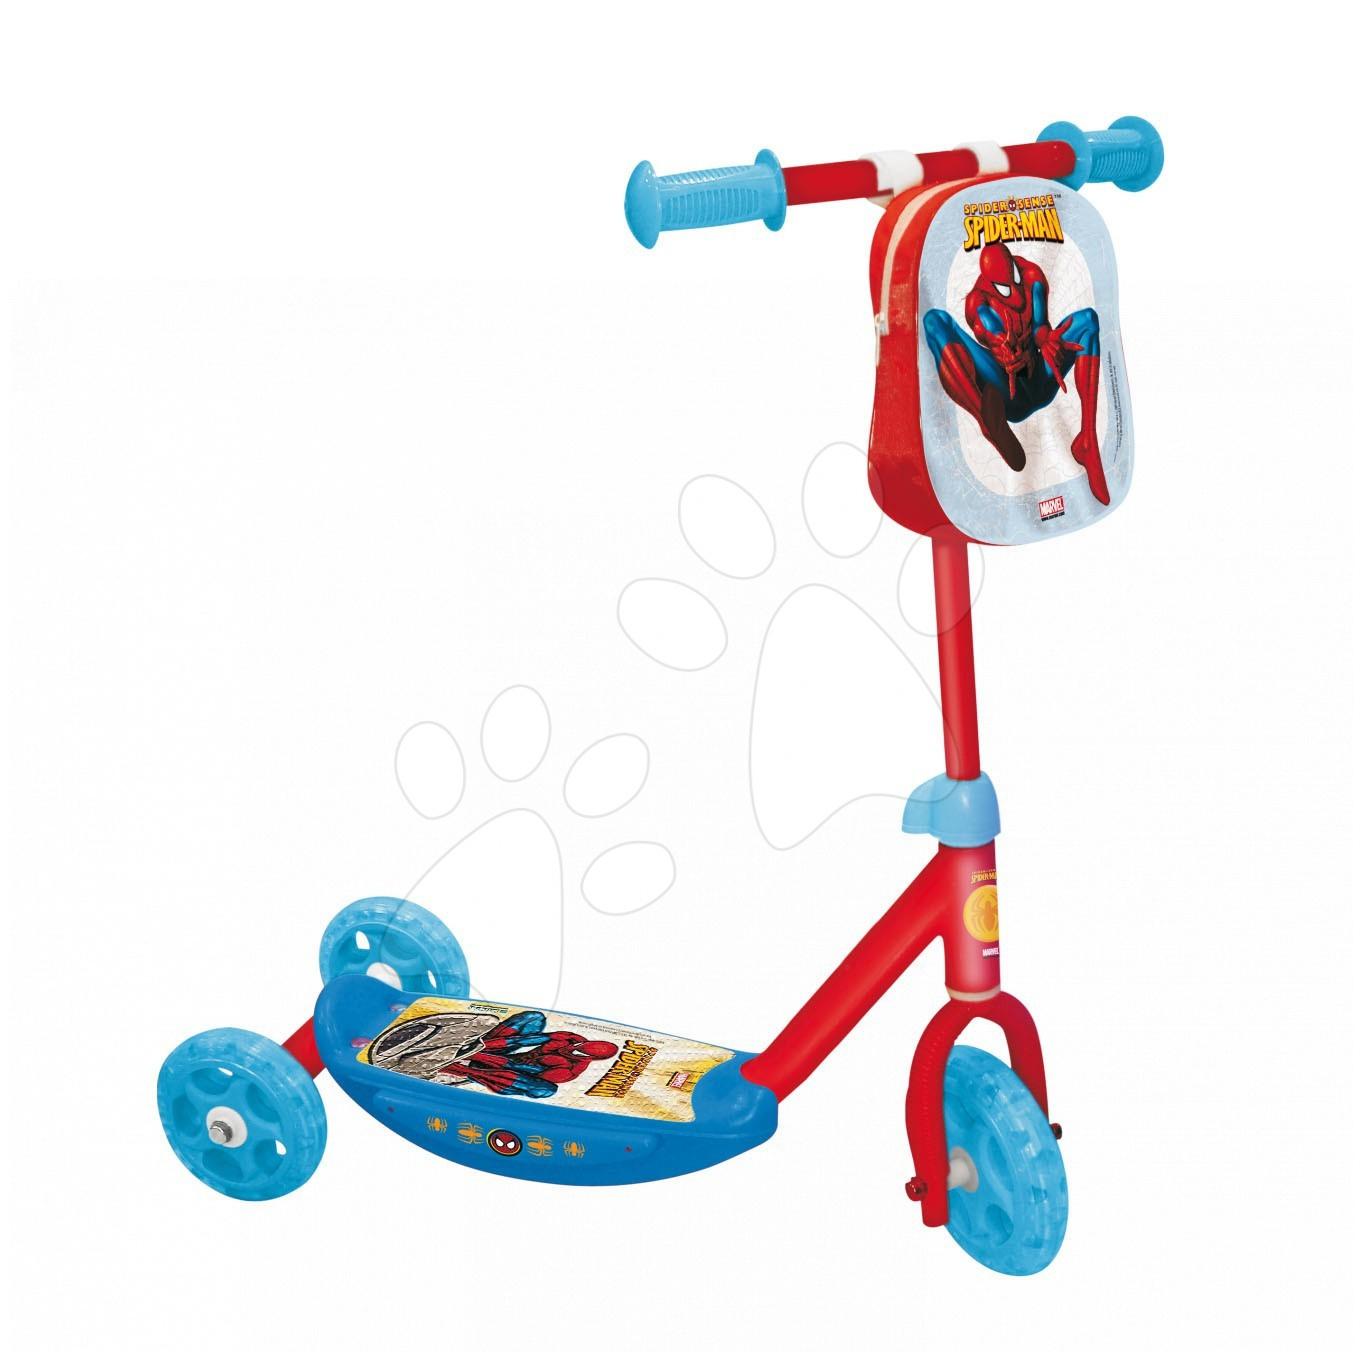 Koloběžka Spiderman Mondo tříkolová s taškou